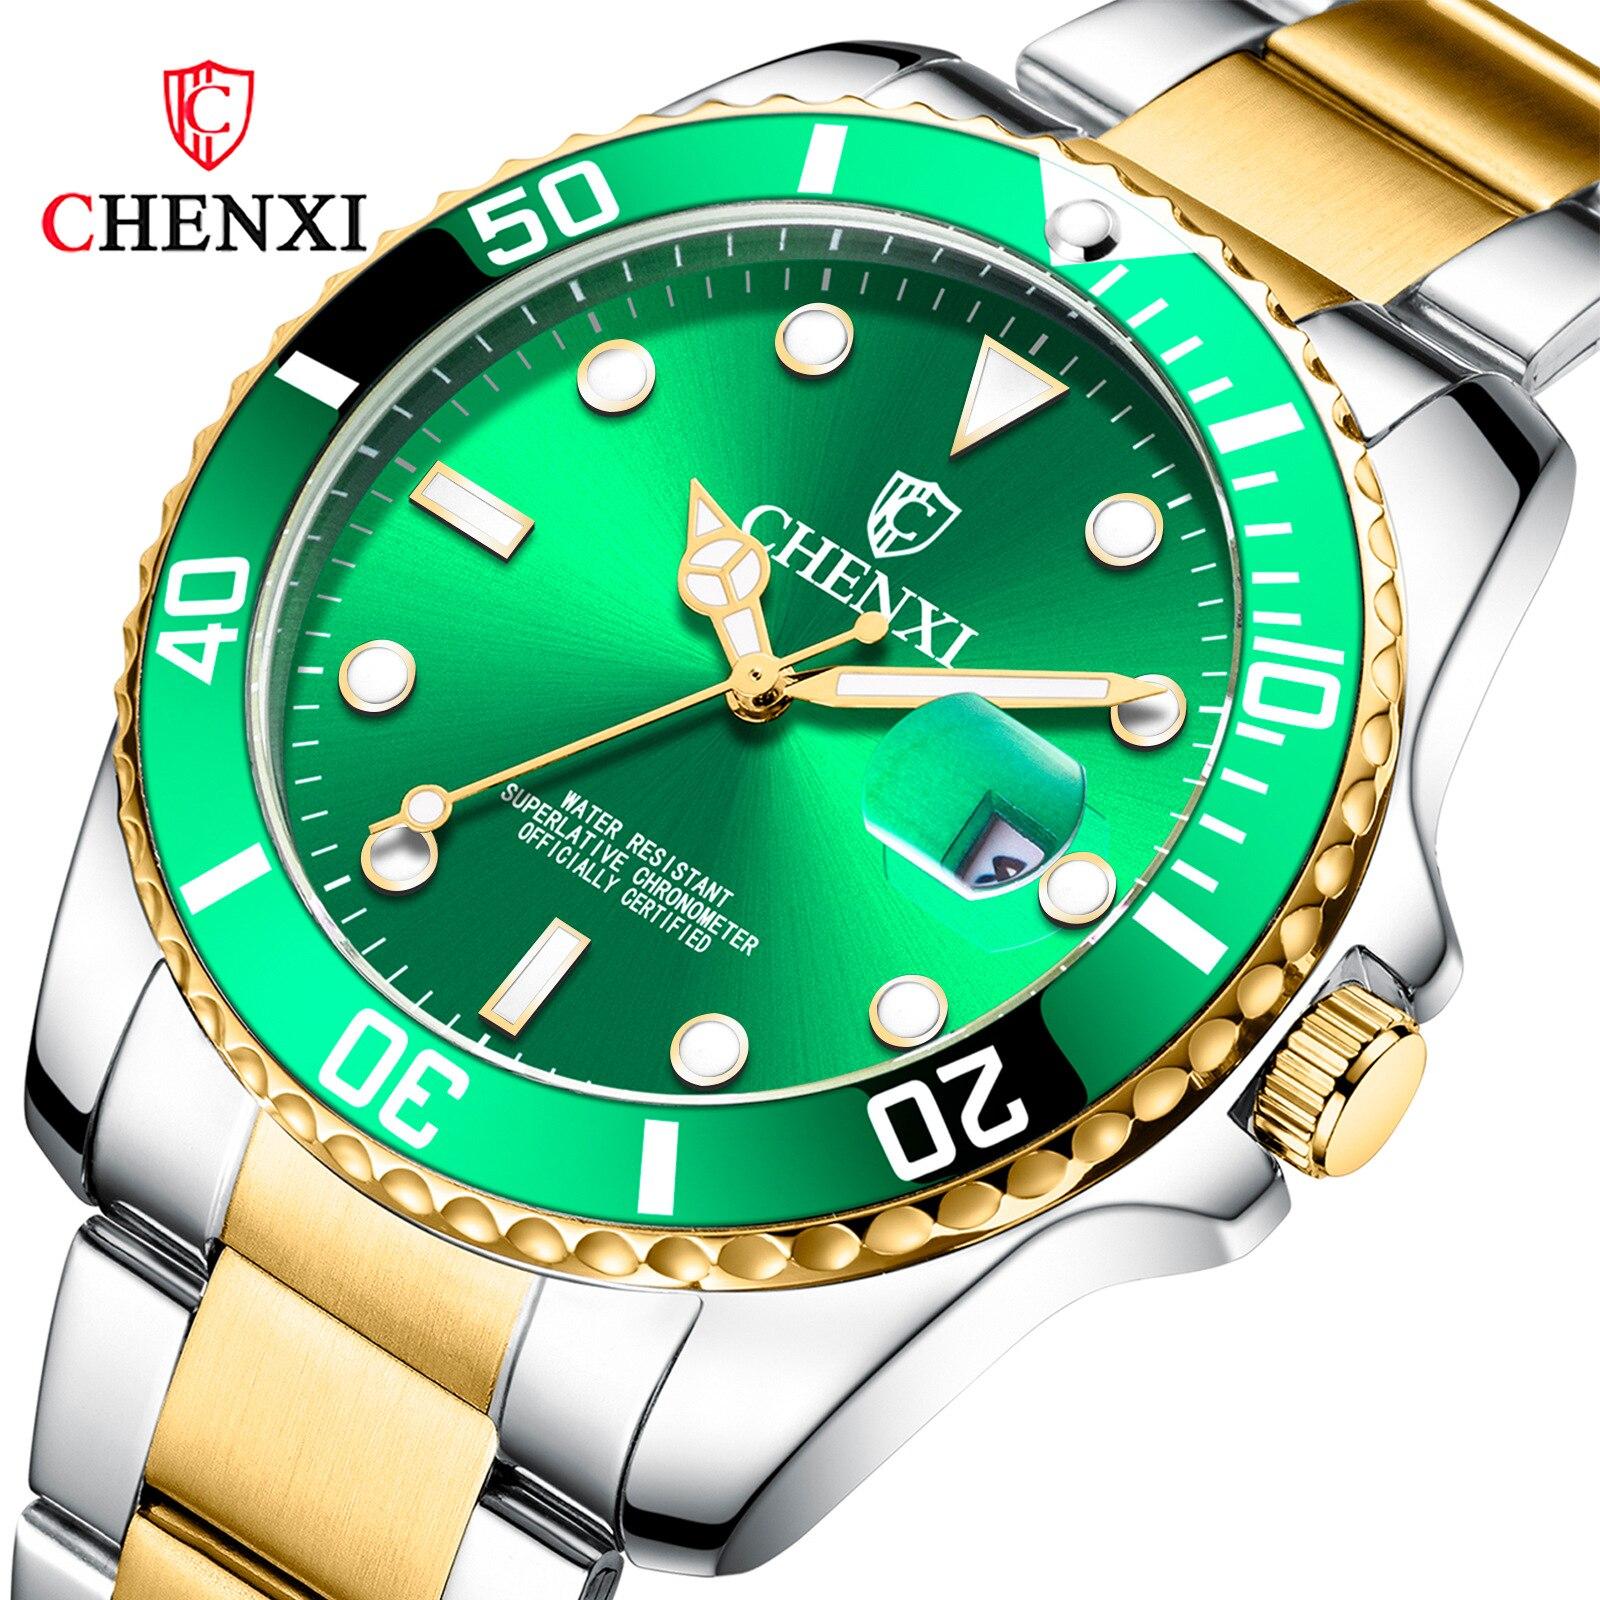 2019 nouvelle mode hommes montre à quartz étanche montre montre de sport décontractée montre pour hommes trois couleurs en option 1